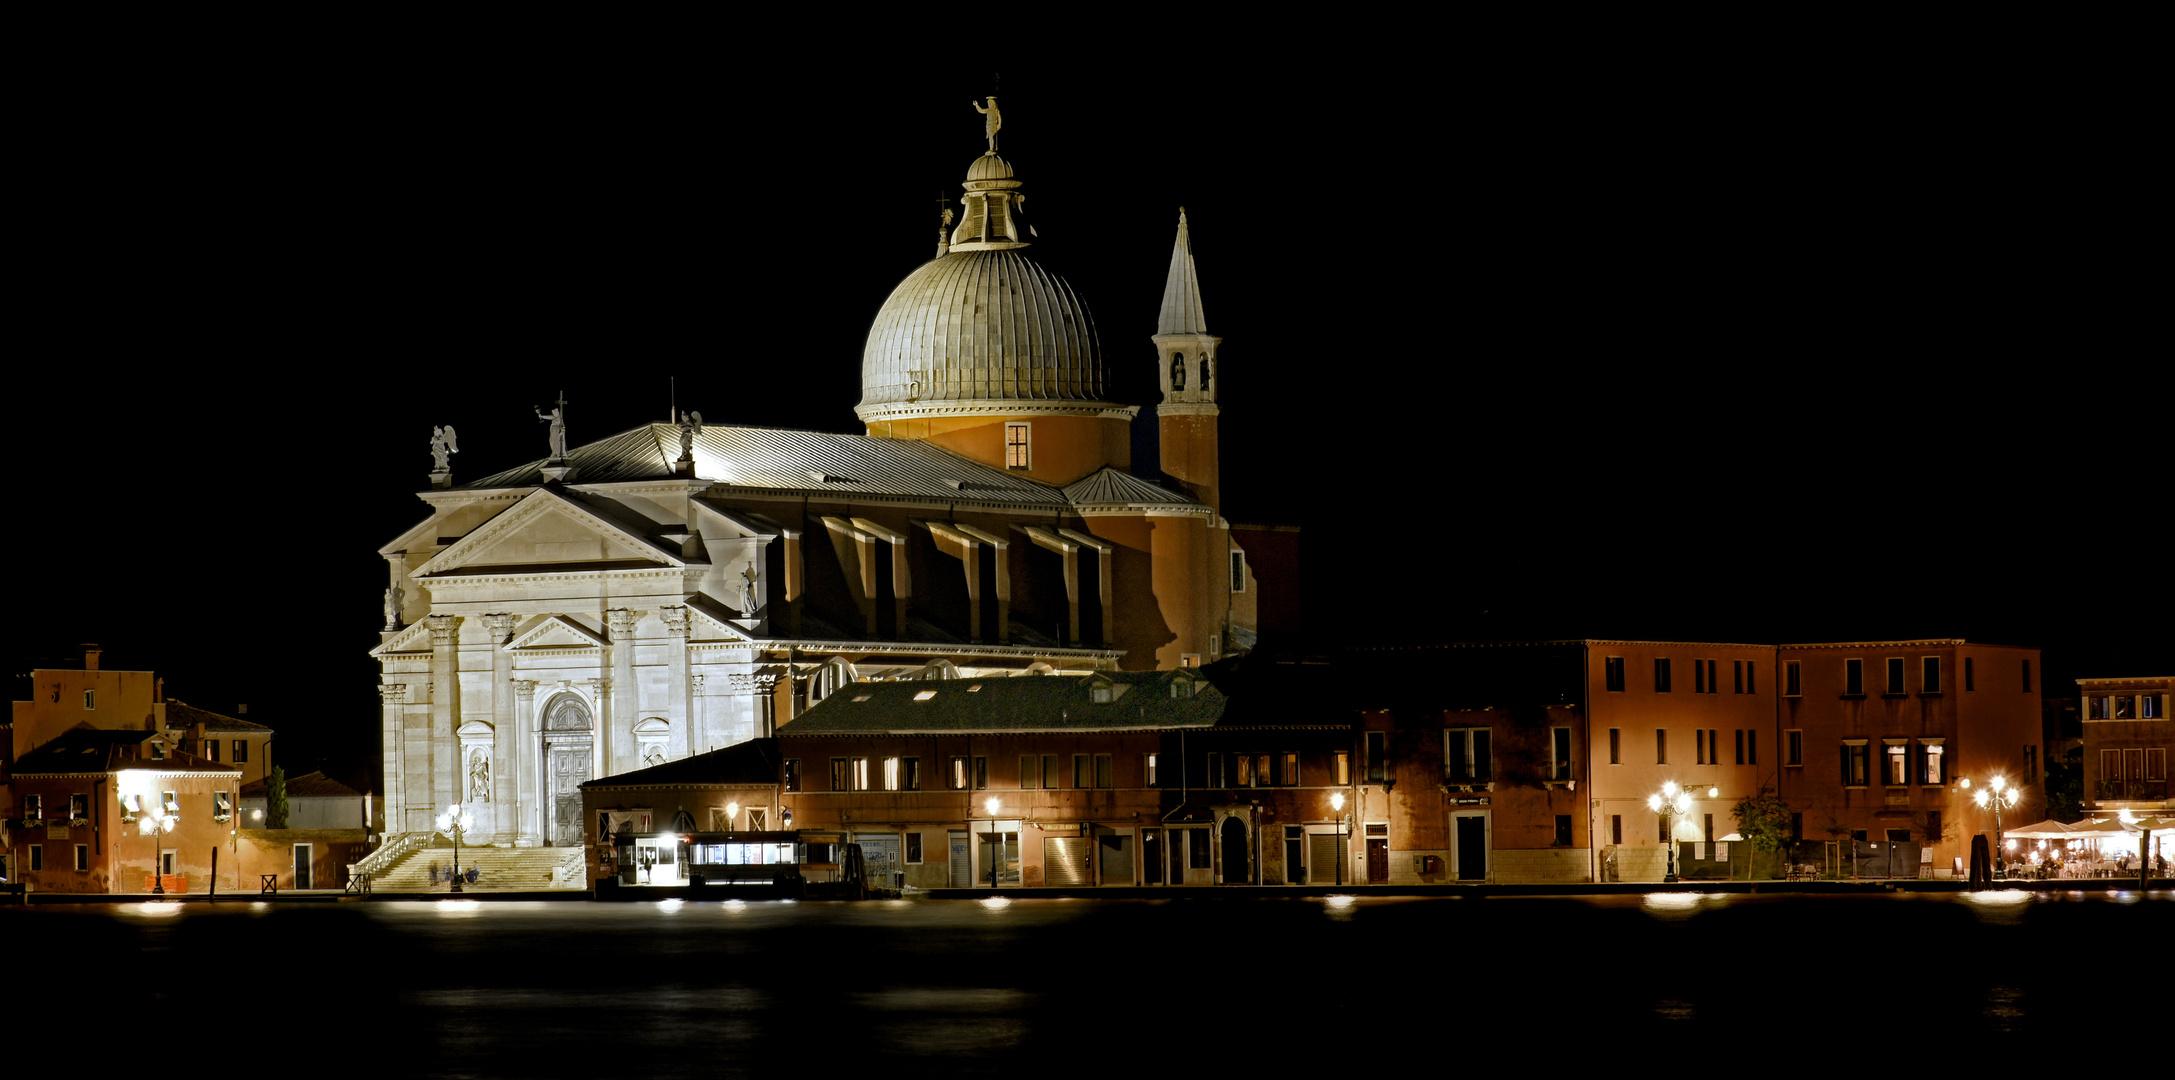 Venezia  senza dubbio bella